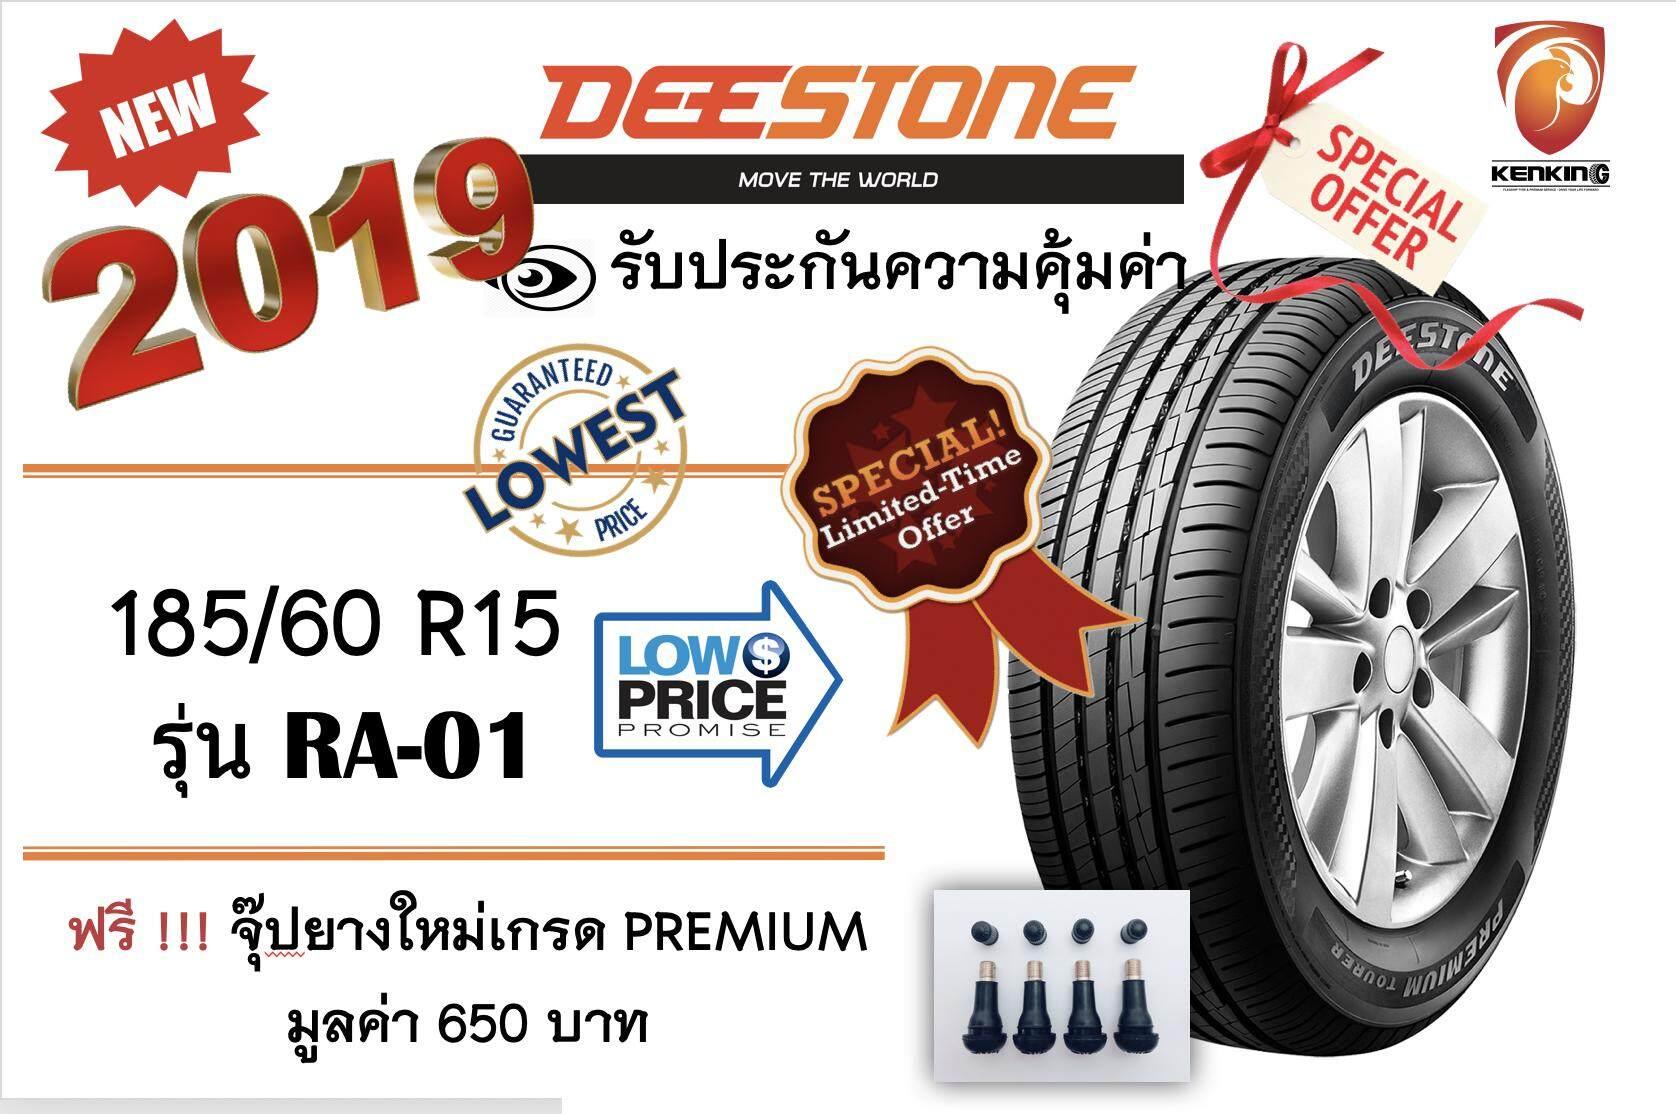 ประกันภัย รถยนต์ 2+ ประจวบคีรีขันธ์ ยางรถยนต์ขอบ15 Deestone 185/60 R15 RA-01 NEW!! 2019 ( 1 เส้น ) FREE !! จุ๊ป PREMIUM BY KENKING POWER 650 บาท MADE IN JAPAN แท้ (ลิขสิทธิแท้รายเดียว)